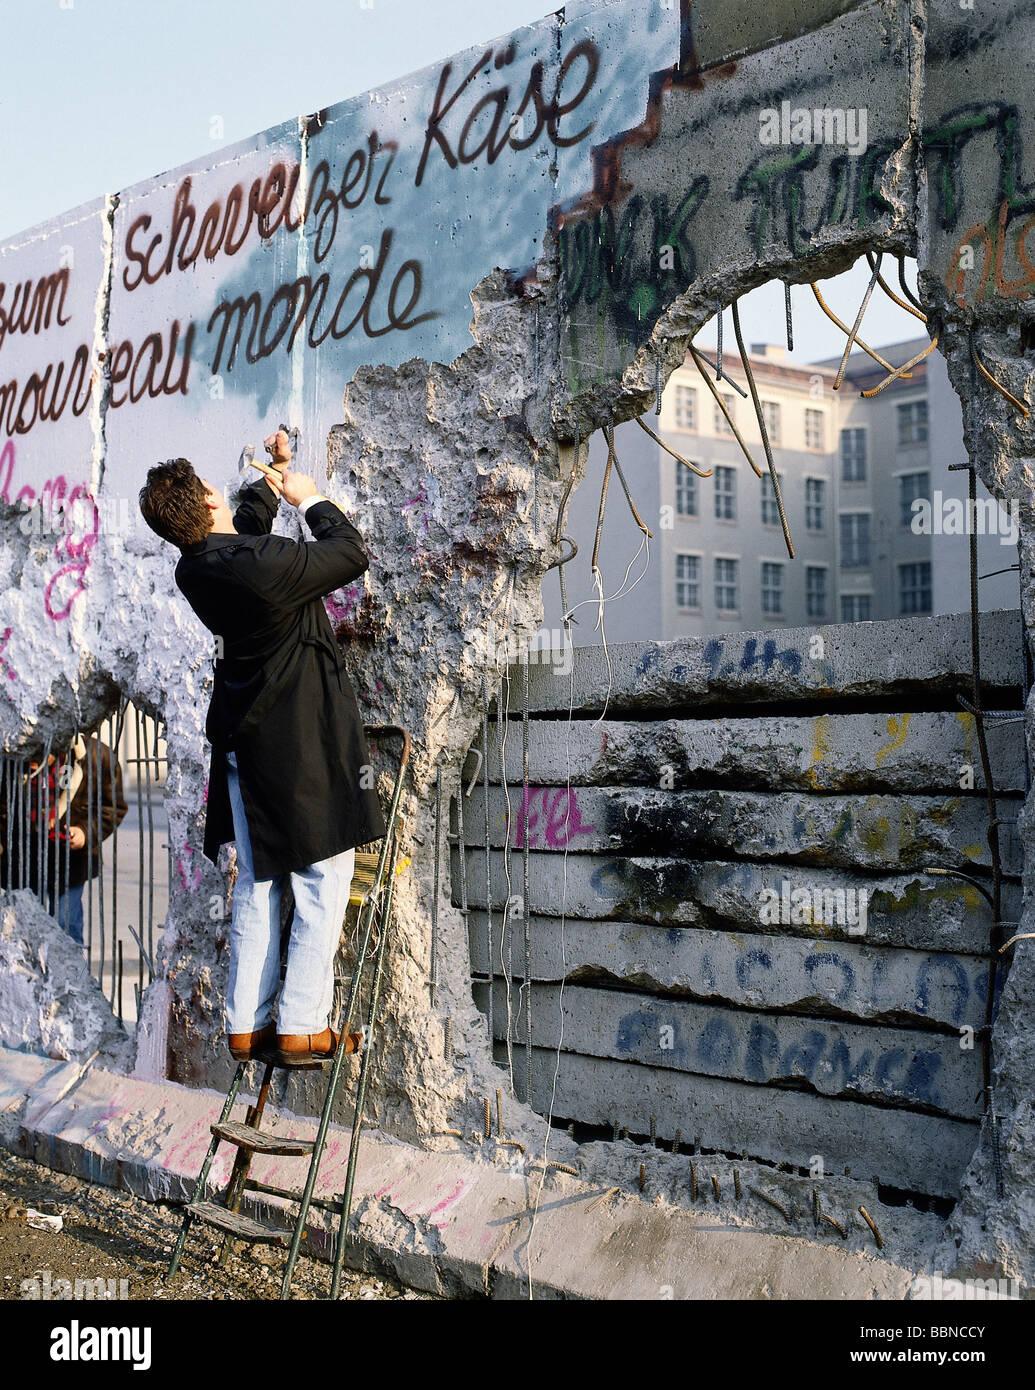 Geografia / viaggi, la Germania, la caduta del muro di Berlino, Pecker, Berlino, 9.11.1989, storico, storico del Immagini Stock